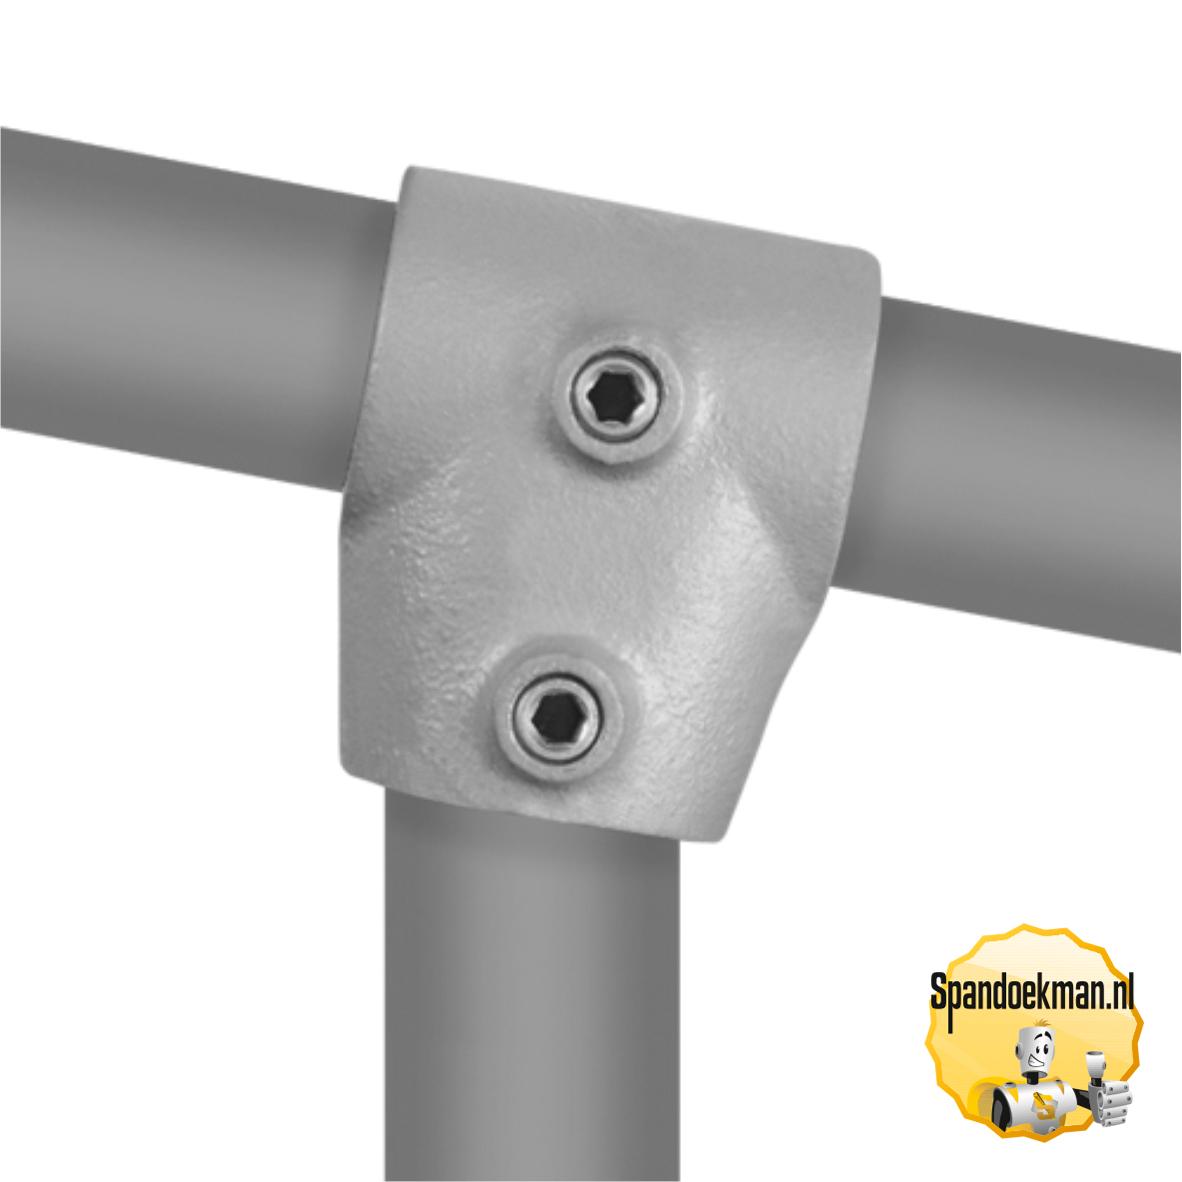 Buiskoppeling T-stuk kort variabele hoek type 2S - 33,7mm